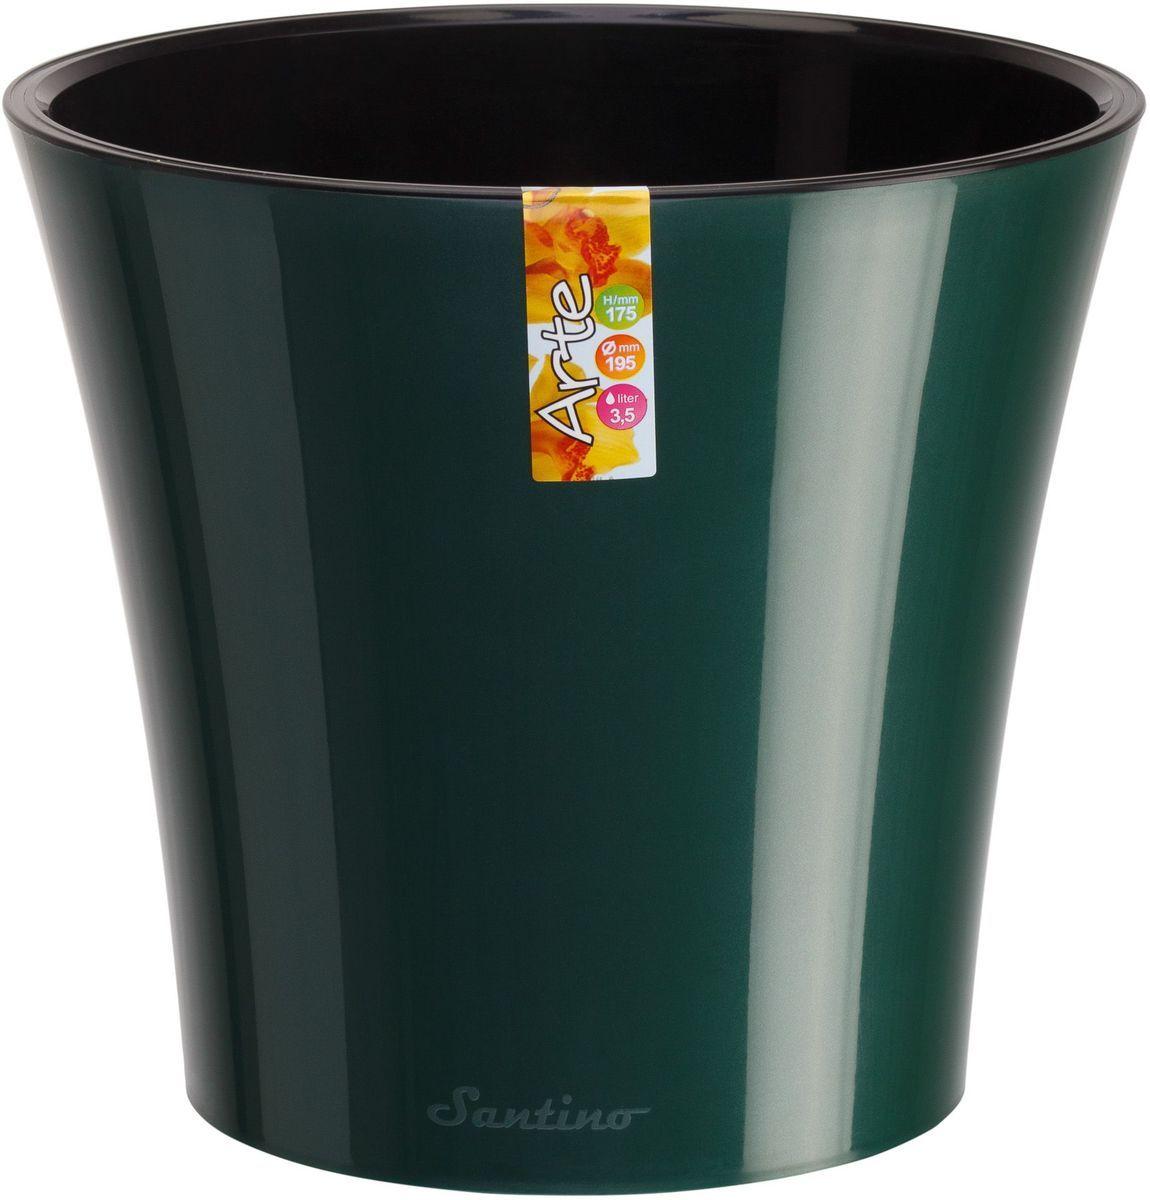 Горшок цветочный Santino Арте, двойной, с системой автополива, цвет: зеленый, черный, 5 лАРТ 5 ЗЕЛ-ЧЛюбой, даже самый современный и продуманный интерьер будет незавершенным без растений. Они не только очищают воздух и насыщают его кислородом, но и украшают окружающее пространство. Такому полезному члену семьи просто необходим красивый и функциональный дом! Оптимальный выбор материала — пластмасса! Почему мы так считаем? Малый вес. С легкостью переносите горшки и кашпо с места на место, ставьте их на столики или полки, не беспокоясь о нагрузке. Простота ухода. Кашпо не нуждается в специальных условиях хранения. Его легко чистить — достаточно просто сполоснуть теплой водой. Никаких потертостей. Такие кашпо не царапают и не загрязняют поверхности, на которых стоят. Пластик дольше хранит влагу, а значит, растение реже нуждается в поливе. Пластмасса не пропускает воздух — корневой системе растения не грозят резкие перепады температур. Огромный выбор форм, декора и расцветок — вы без труда найдете что-то, что идеально впишется в уже существующий интерьер. Соблюдая нехитрые правила ухода, вы можете заметно продлить срок службы горшков и кашпо из пластика: всегда учитывайте размер кроны и корневой системы (при разрастании большое растение способно повредить маленький горшок) берегите изделие от воздействия прямых солнечных лучей, чтобы горшки не выцветали держите кашпо из пластика подальше от нагревающихся поверхностей. Создавайте прекрасные цветочные композиции, выращивайте рассаду или необычные растения.